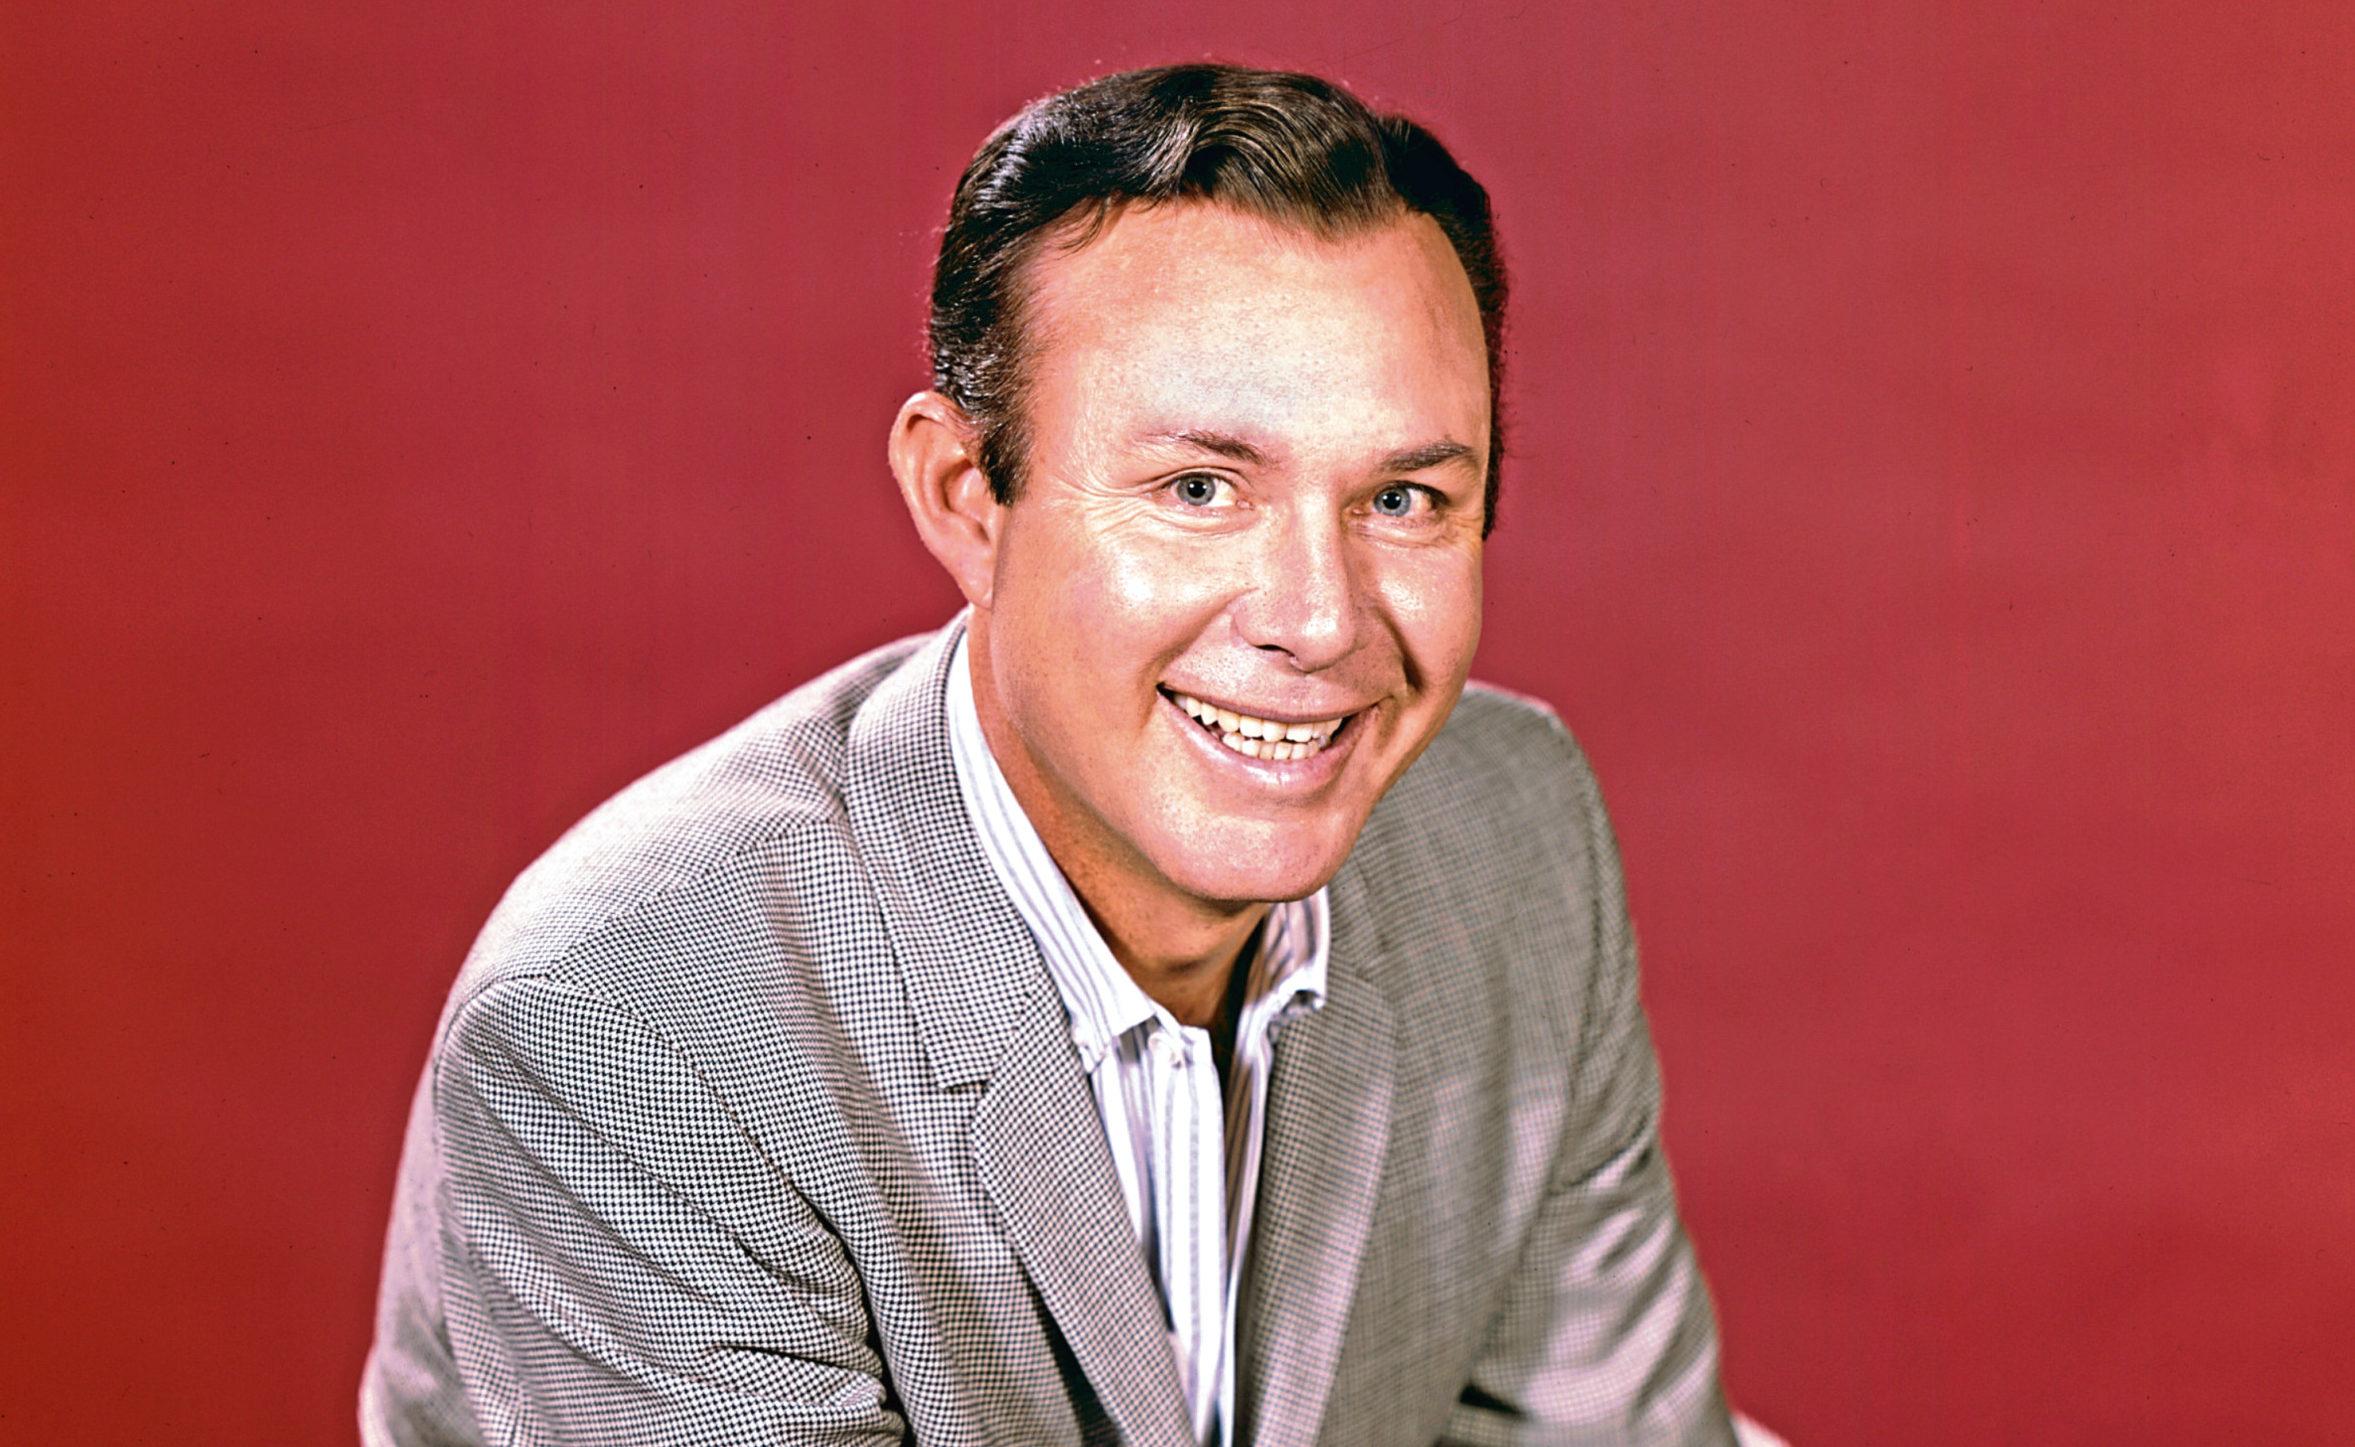 Jim Reeves, circa 1950